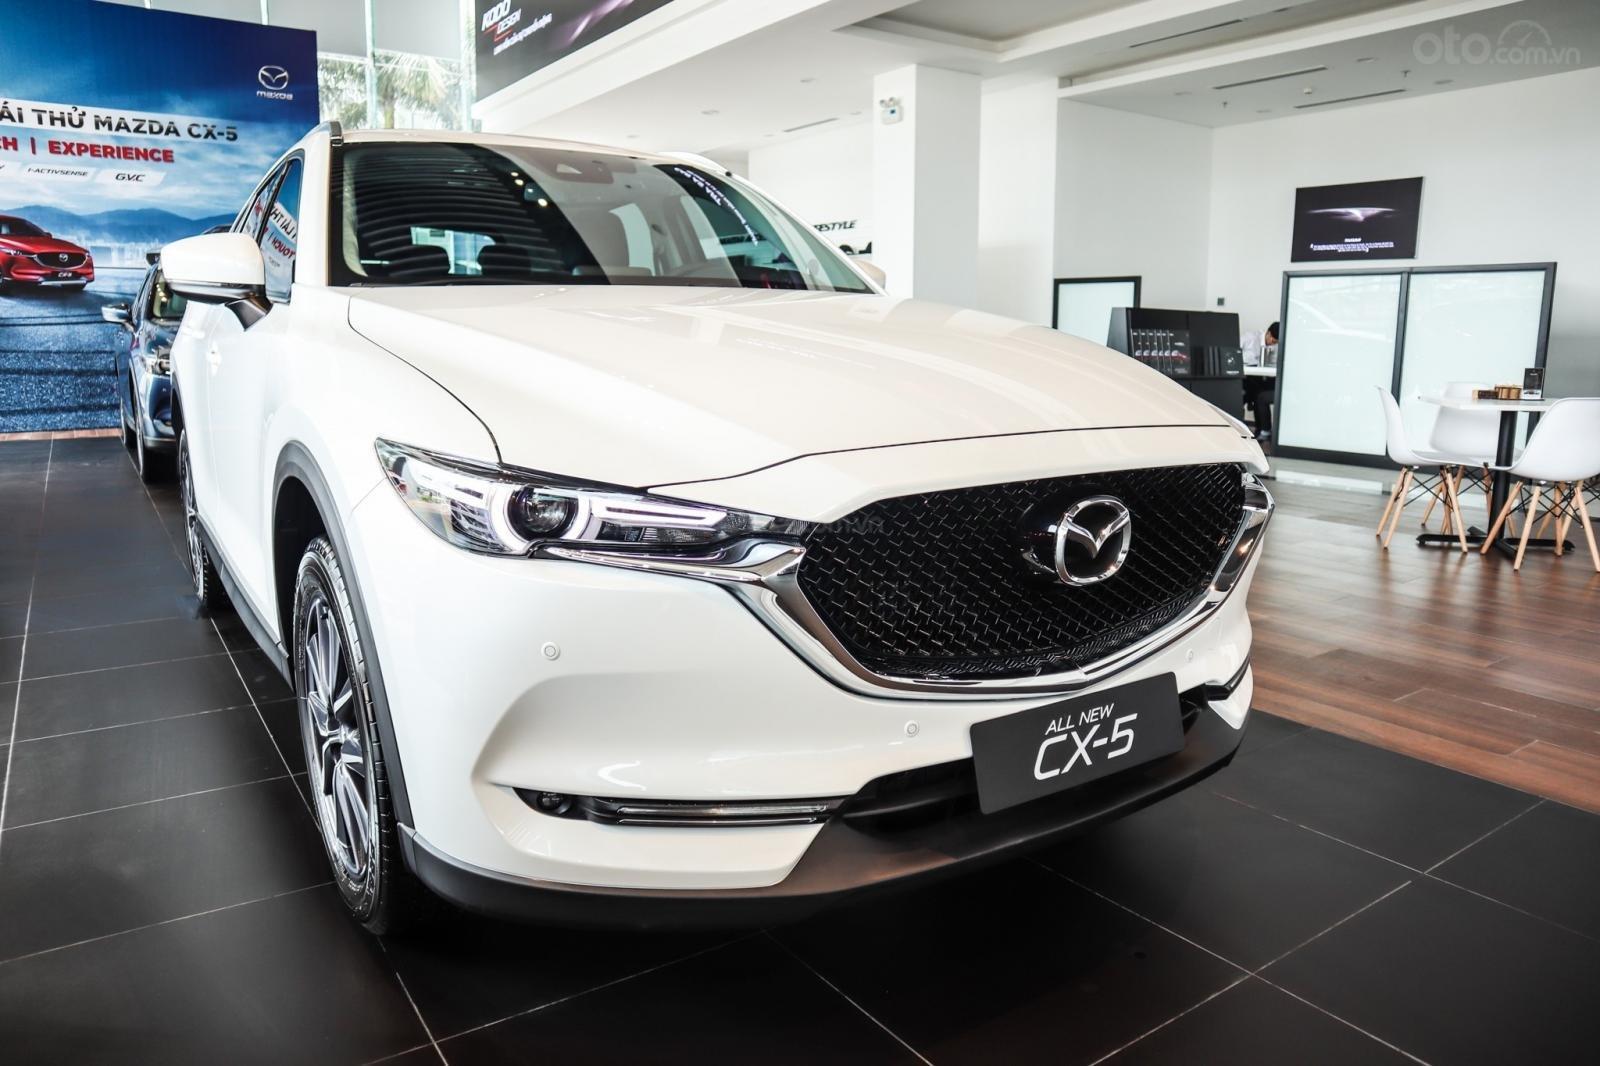 Mazda CX5 giá từ 849 triệu, xe giao ngay, đủ màu, phiên bản, liên hệ ngay với chúng tôi để nhận được ưu đãi tốt nhất (2)